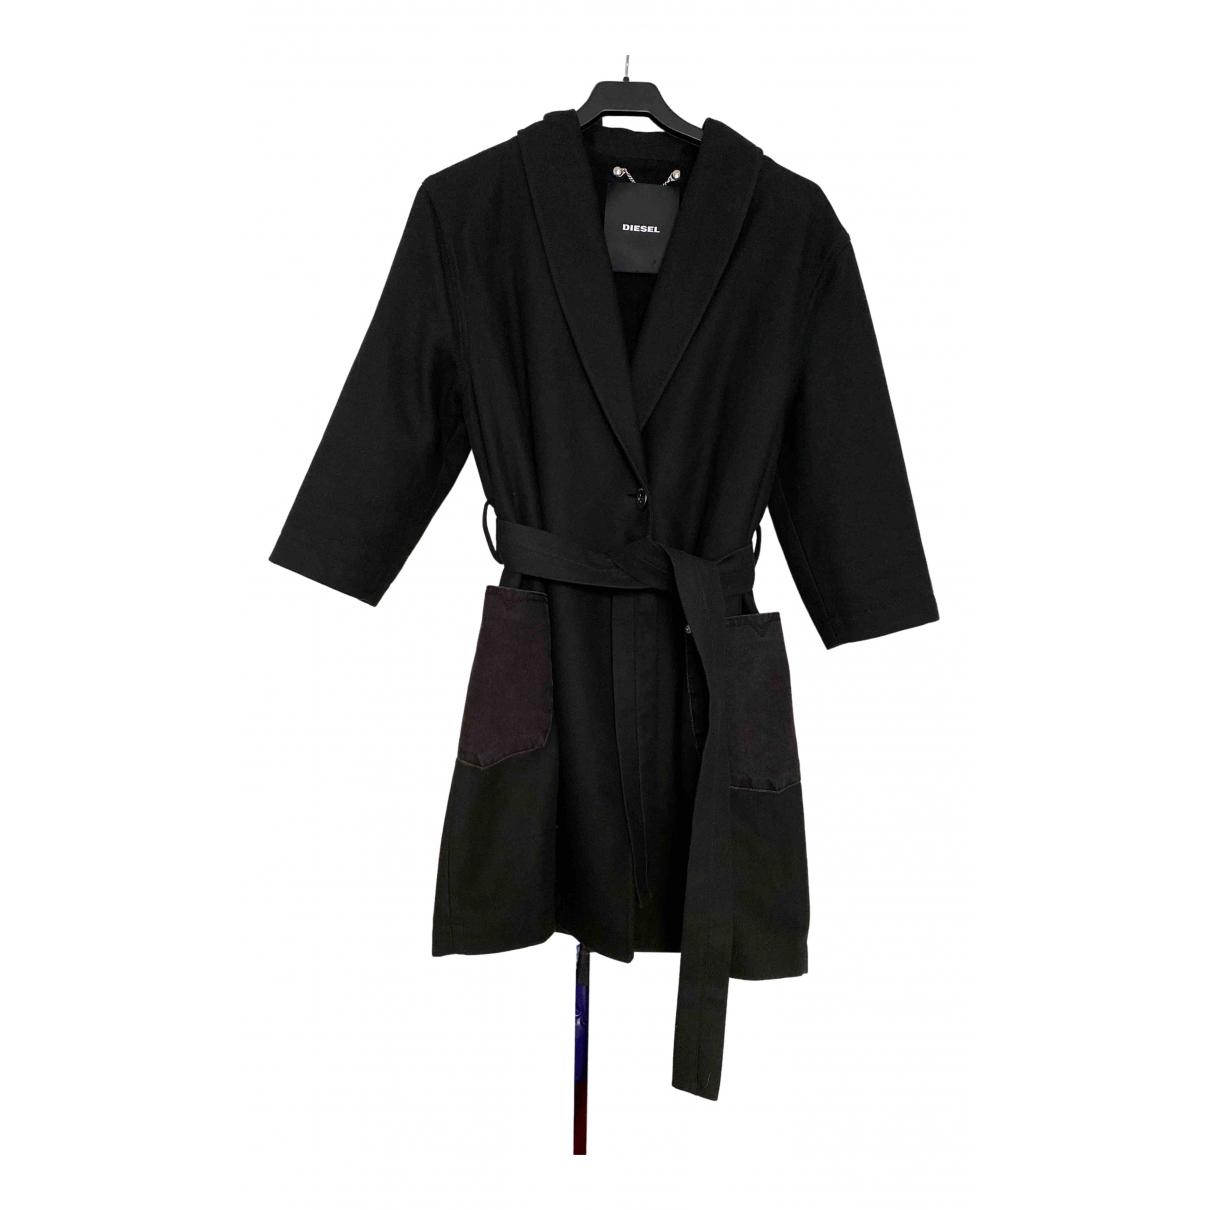 Diesel \N Black Cotton coat for Women 42 IT